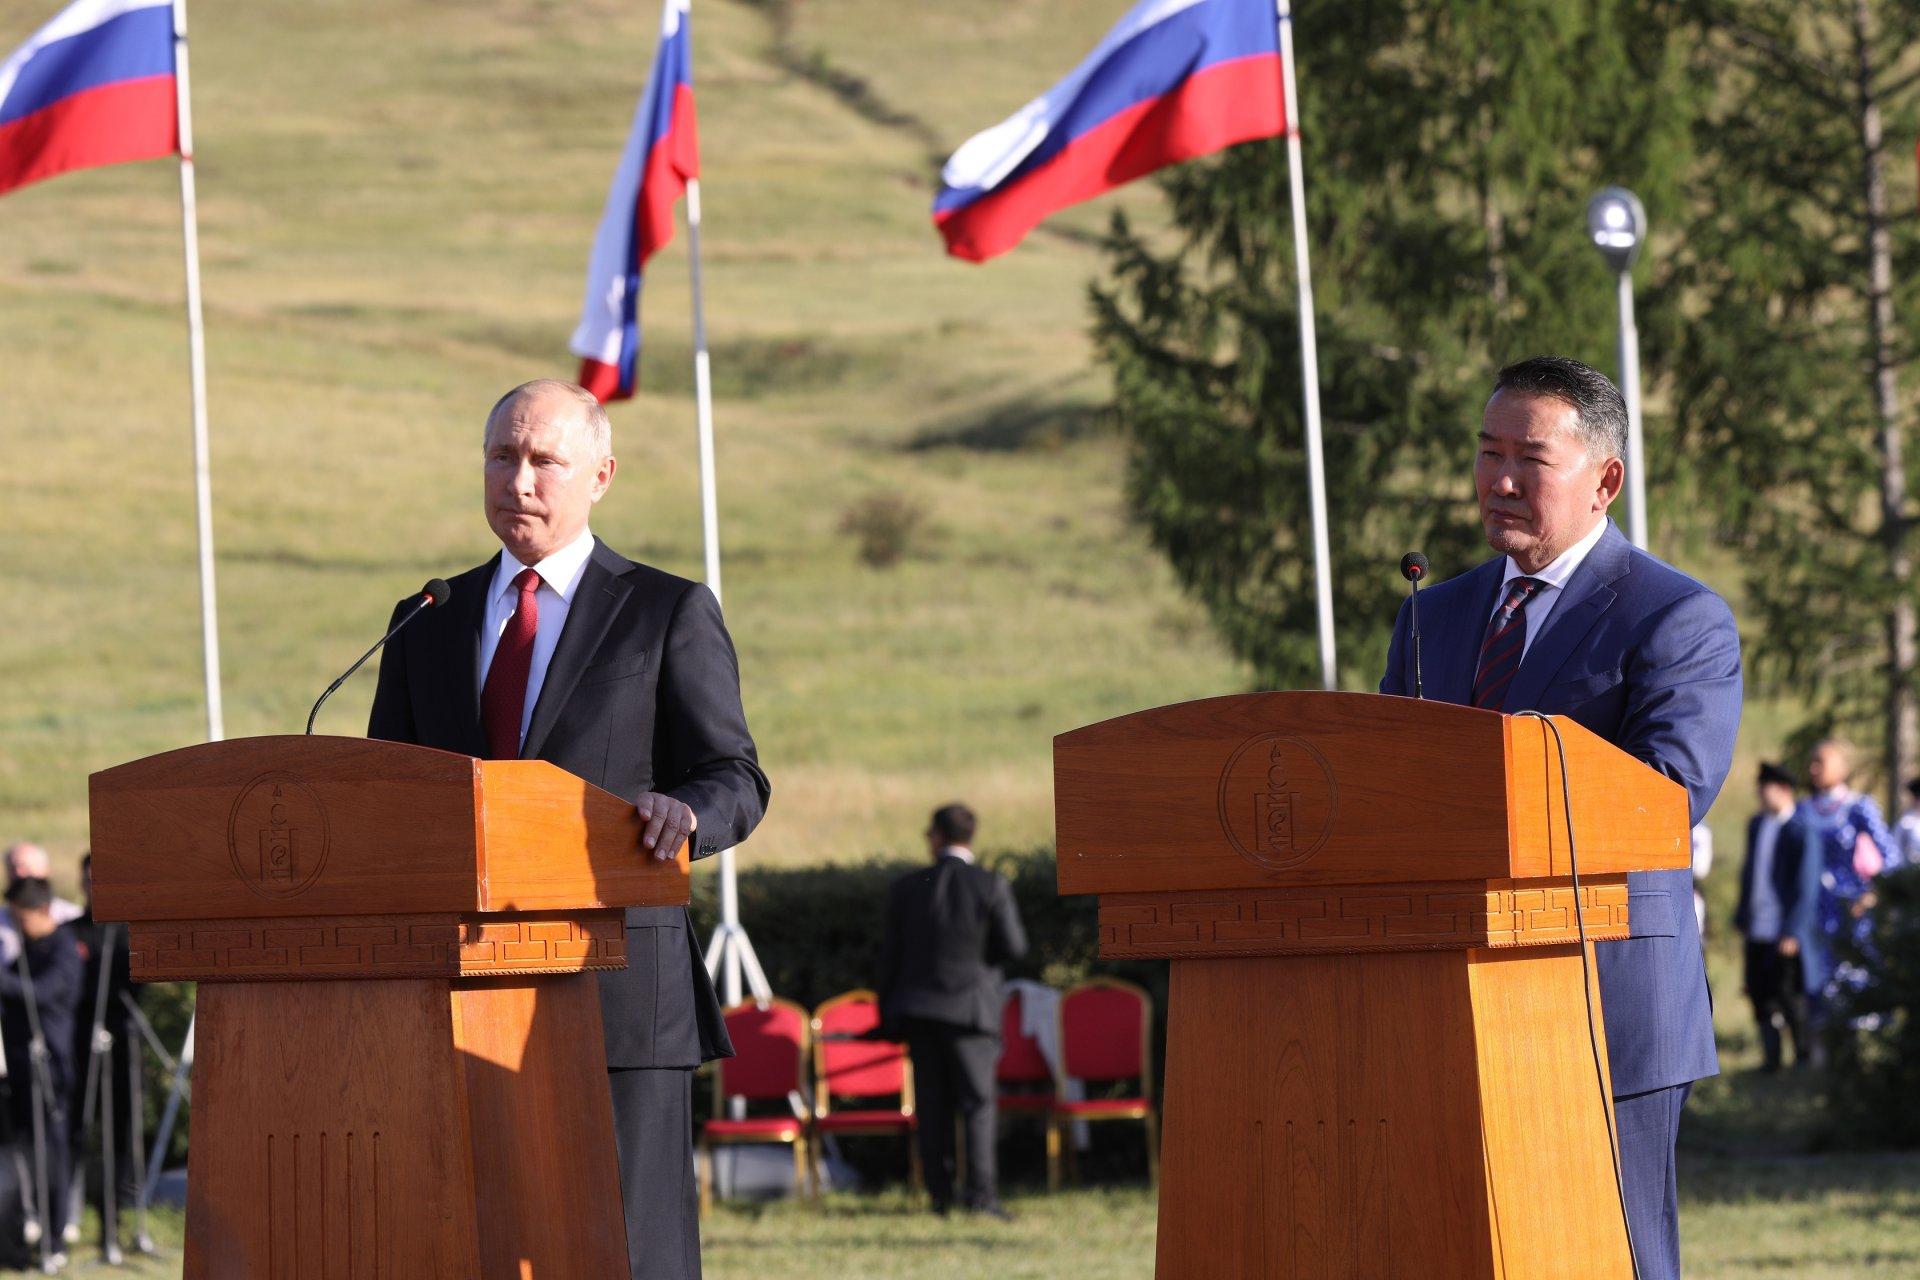 Ерөнхийлөгч Х.Баттулга Владивосток хотод болох Дорнын эдийн засгийн чуулганд оролцоно